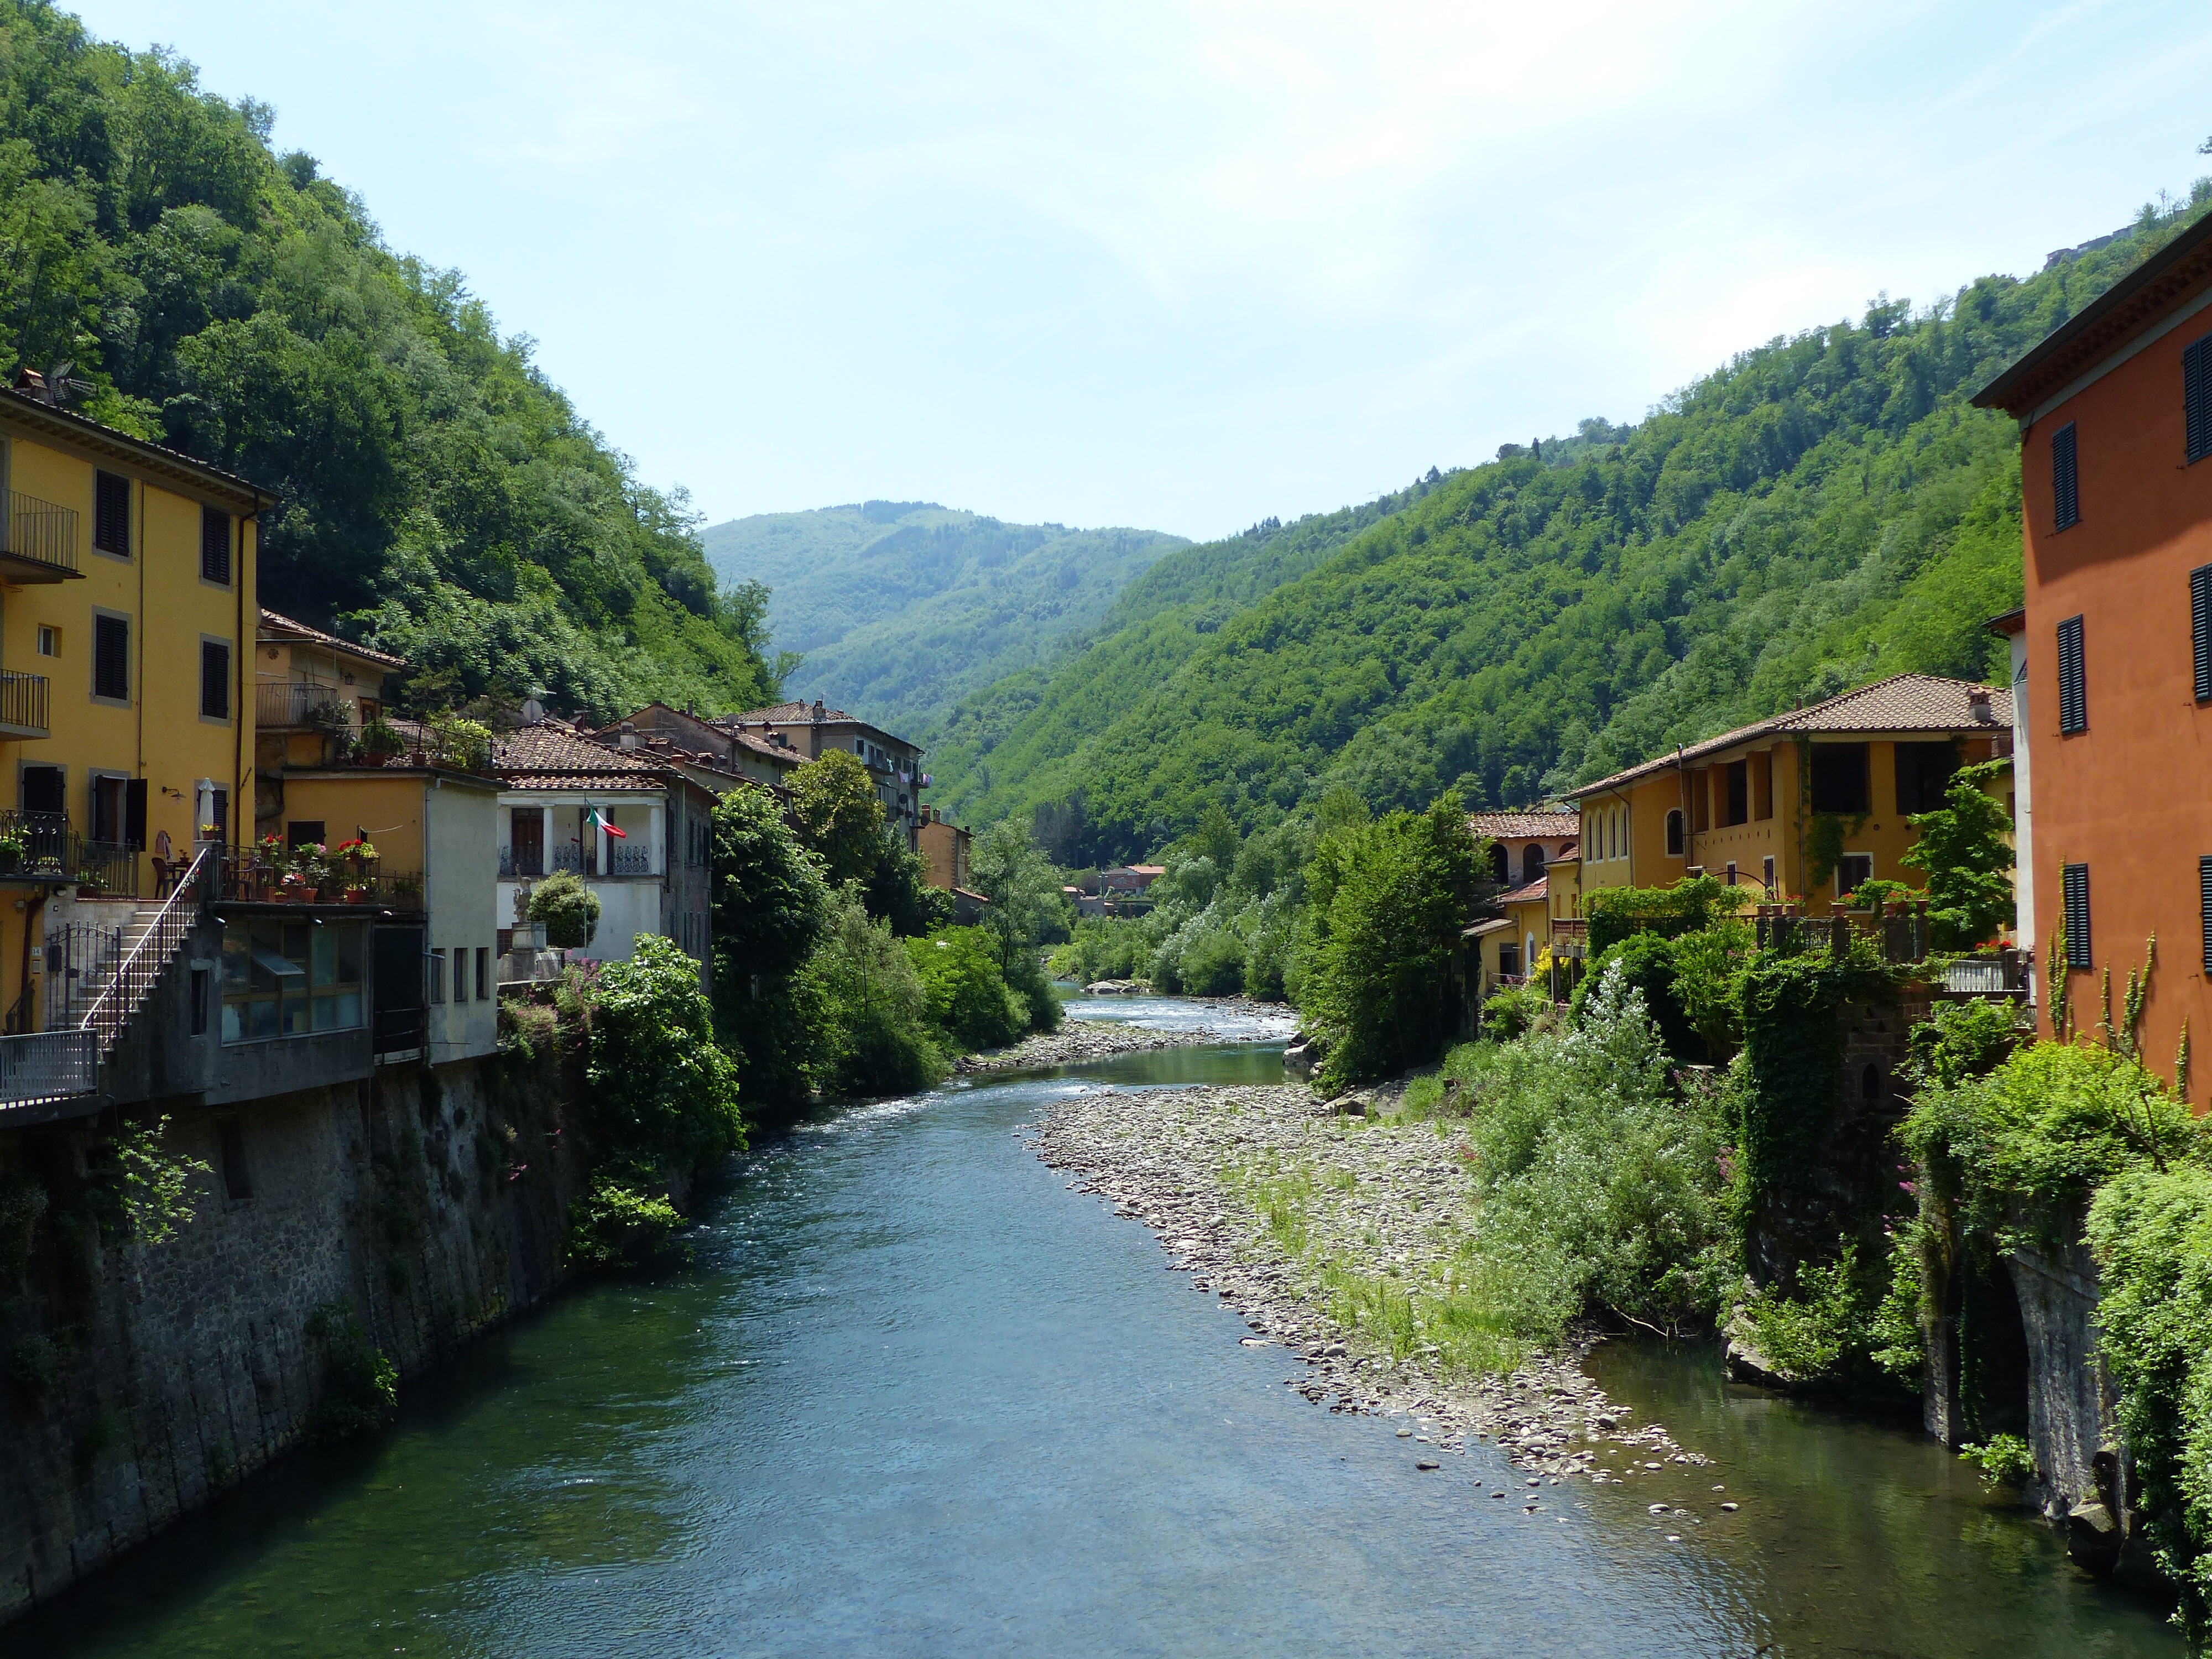 Summer in ponte a serraglio bella bagni di lucca - Bagni di lucca ...